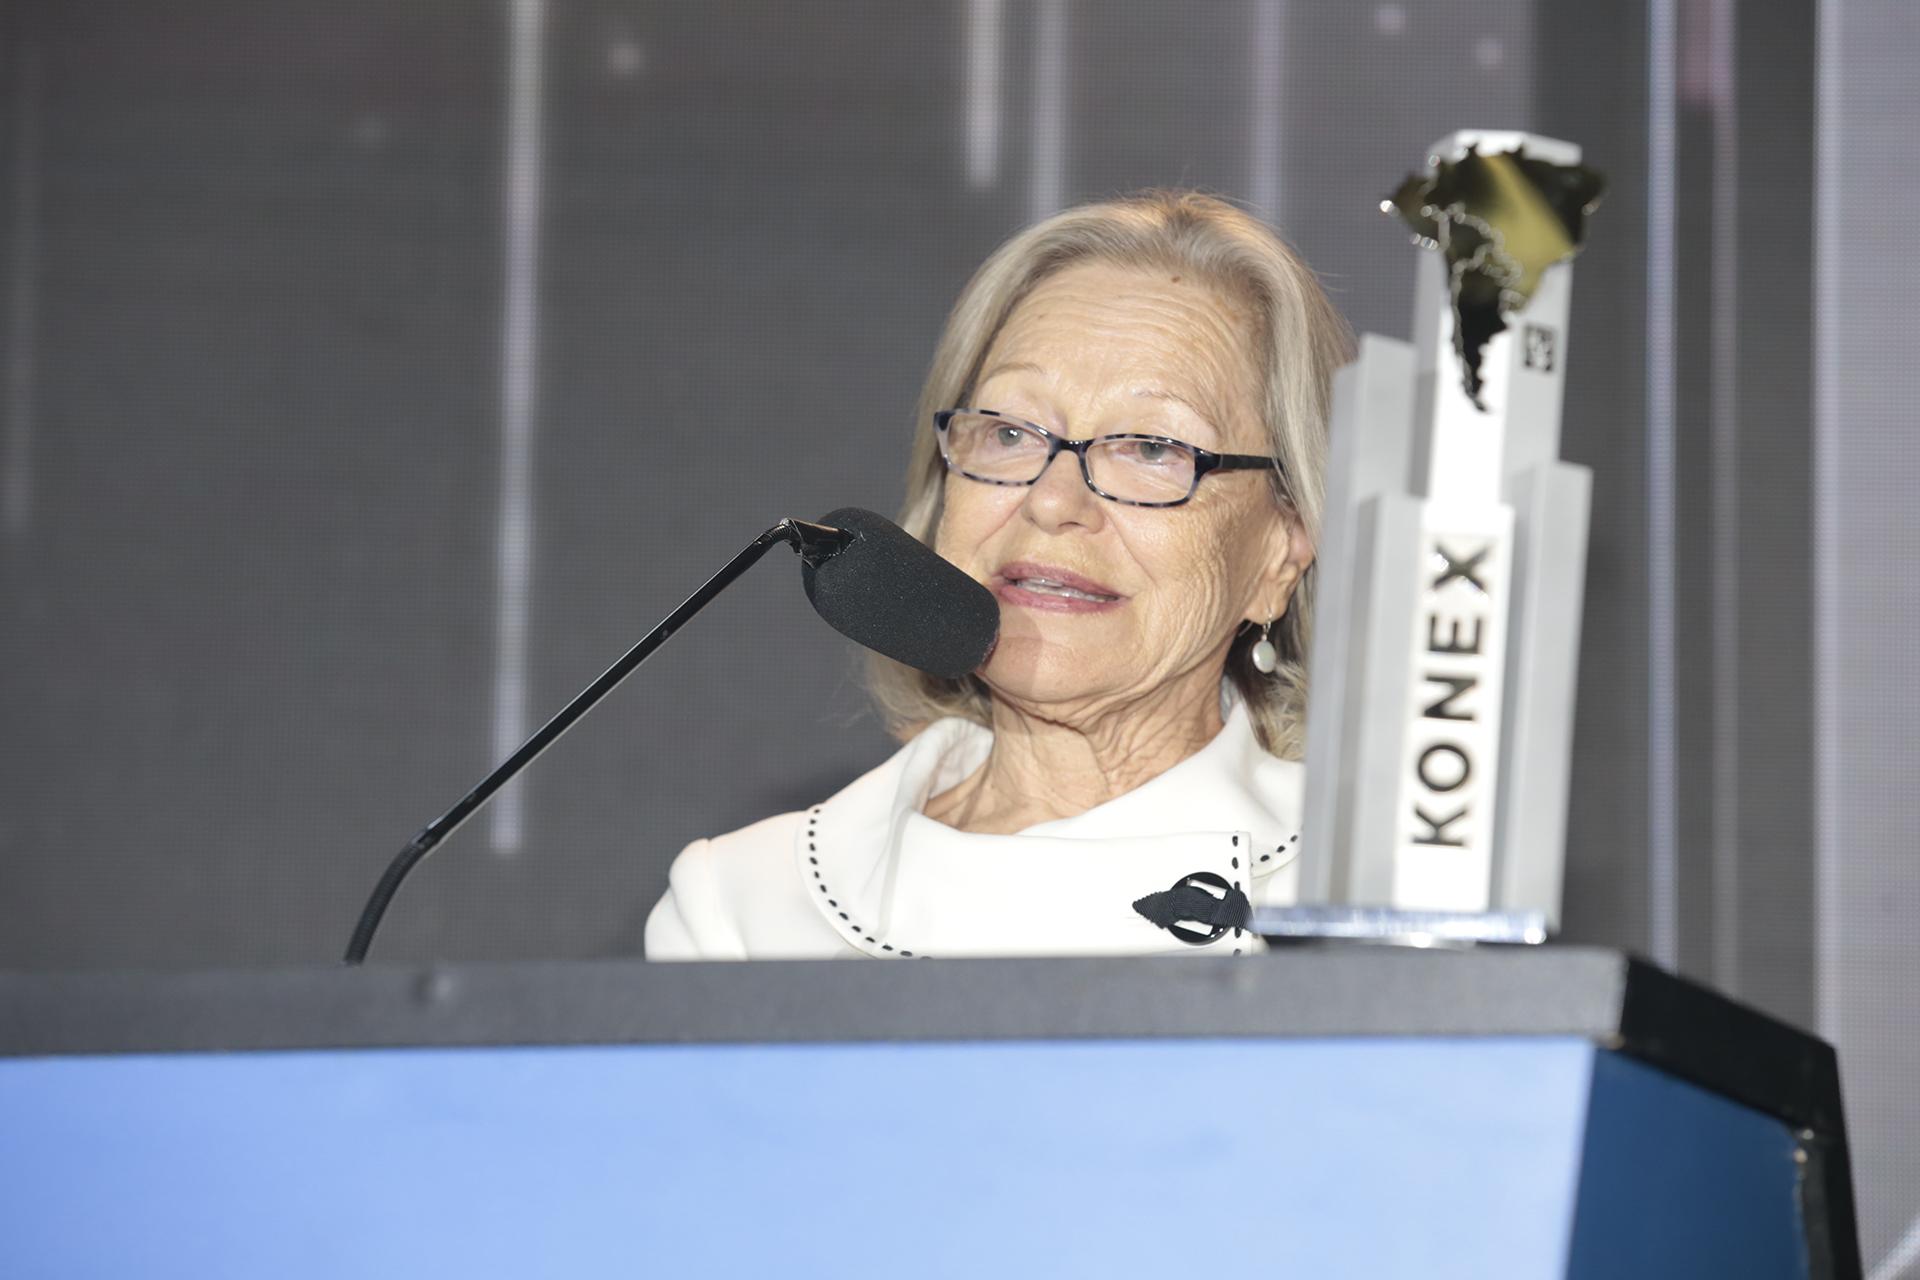 Dorrit Harazim, ganadora del Konex Mercosur (Brasil). Los Konex Mercosur de entregaron a las personalidades más relevantes de la Comunicación- Periodismo de los países de la región